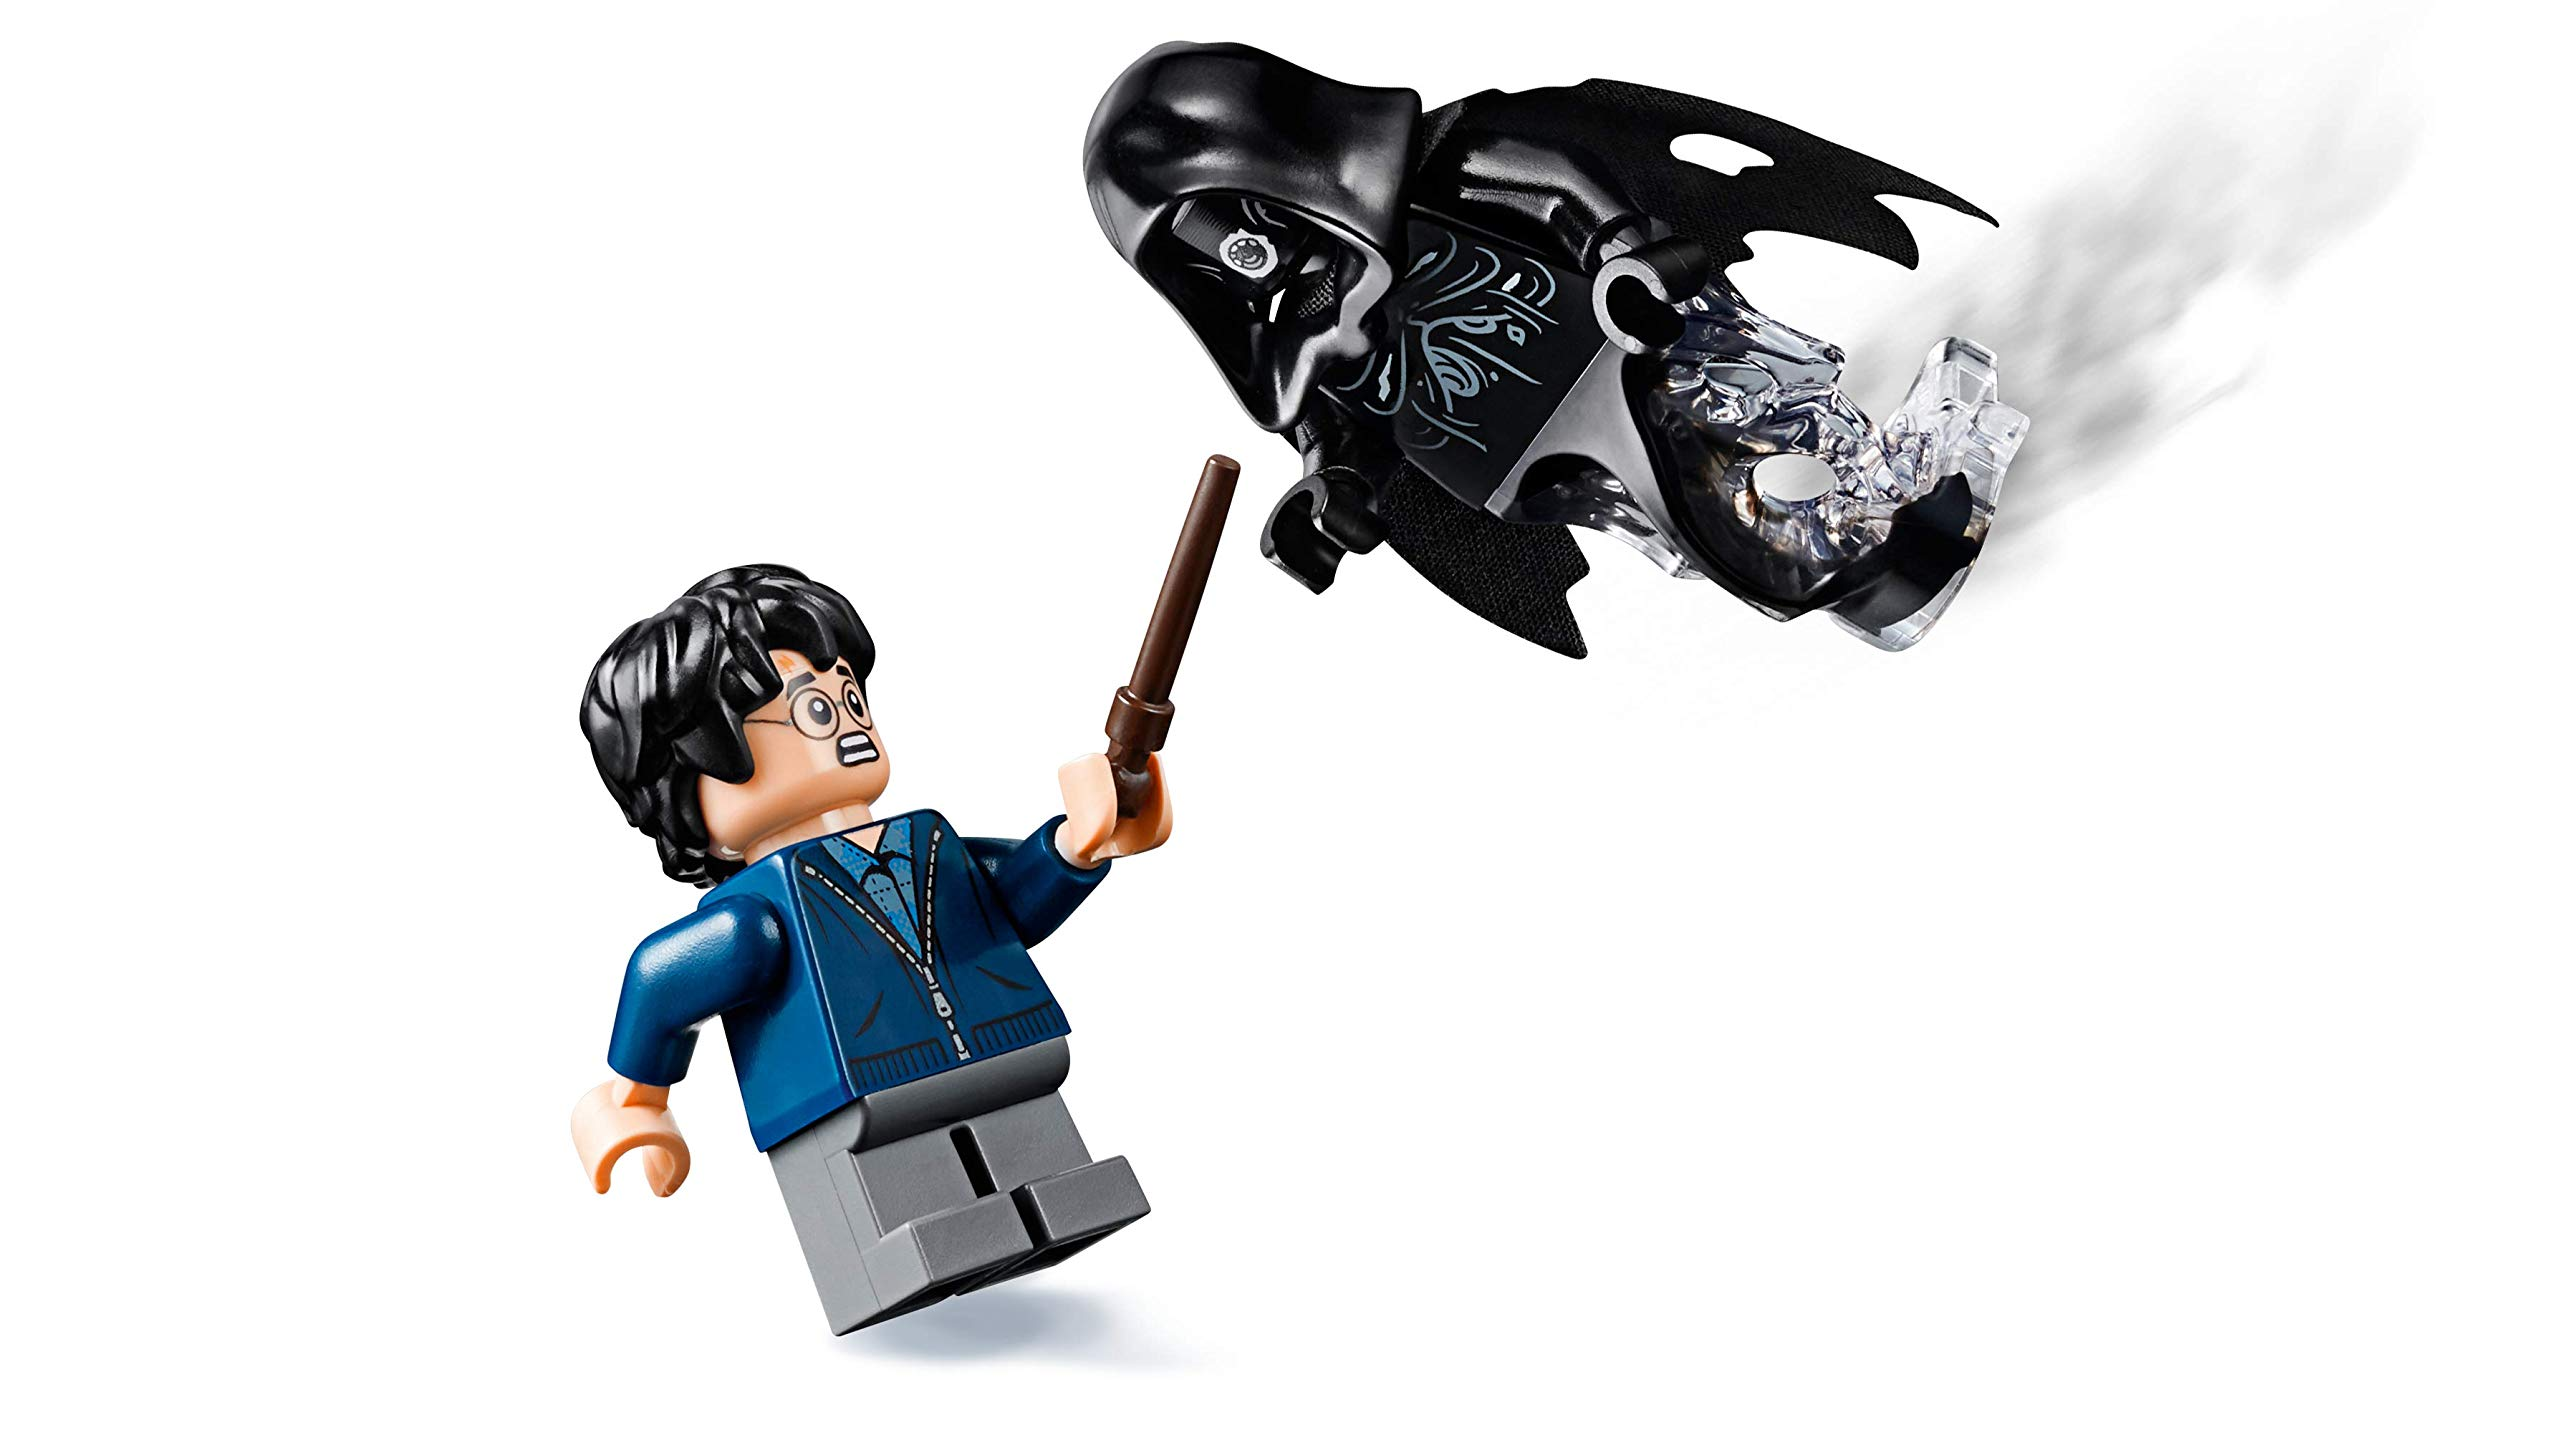 LEGO HarryPotter EspressoperHogwarts, Giocattolo eIdea Regalo per gli Amanti del Mondo della Magia,Set di Costruzione per Ragazzi, 75955 5 spesavip